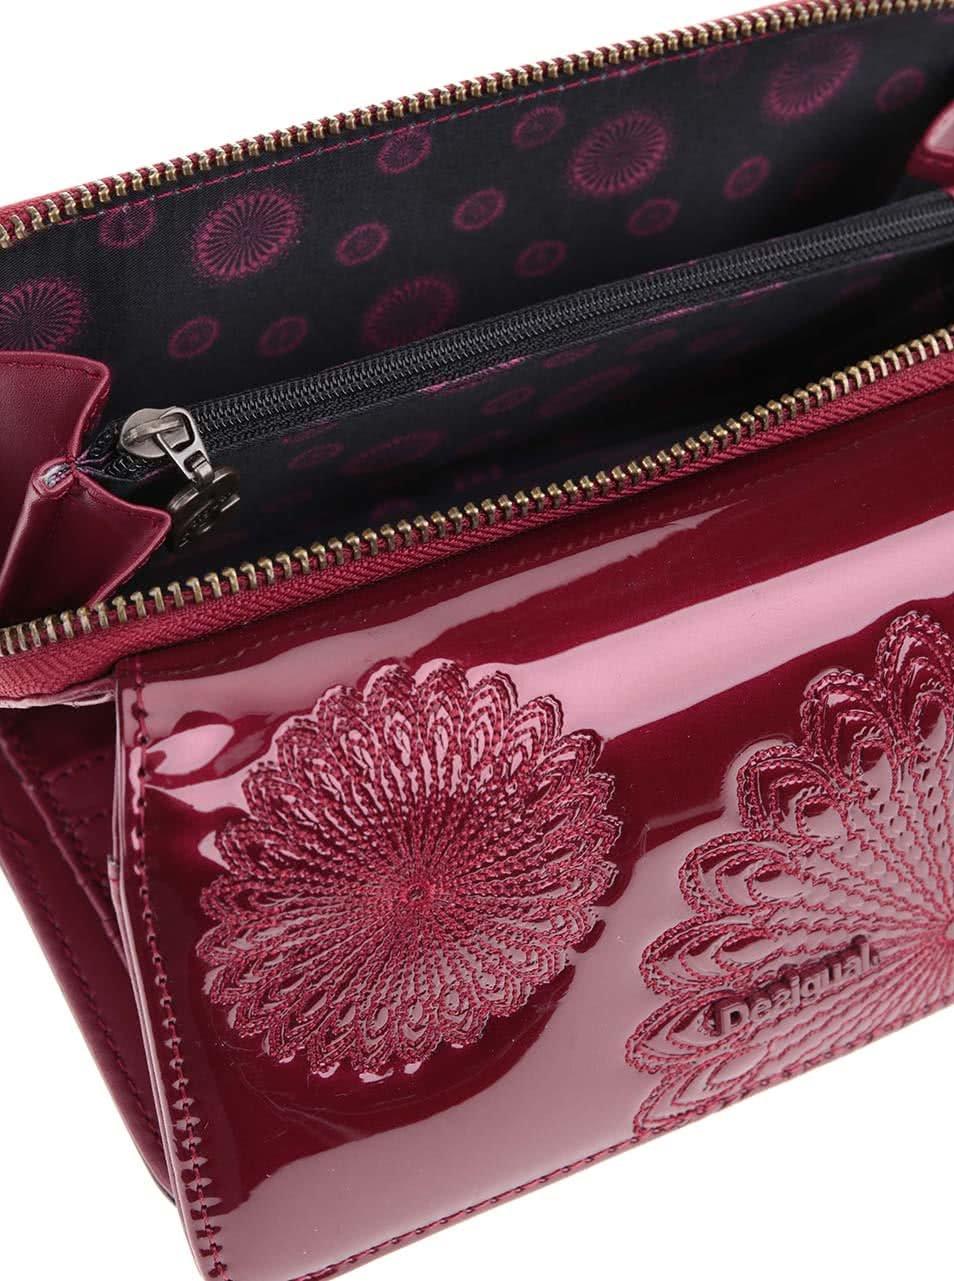 Vínová veľká lesklá peňaženka s ornamentmi Desigual Maria Kate ... 7821cdc25d8